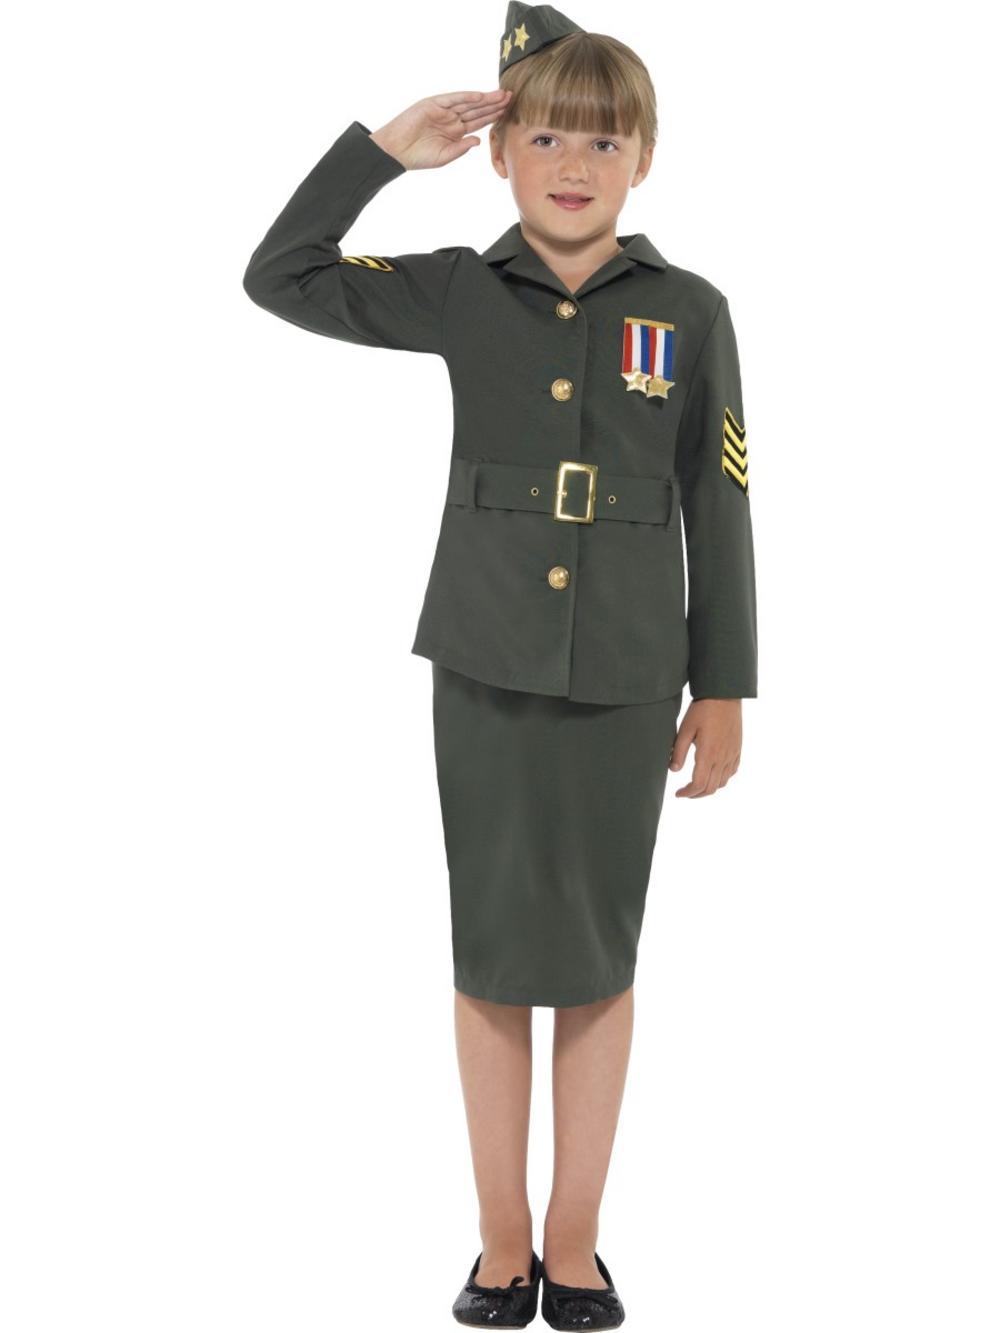 WW2 Army Girl